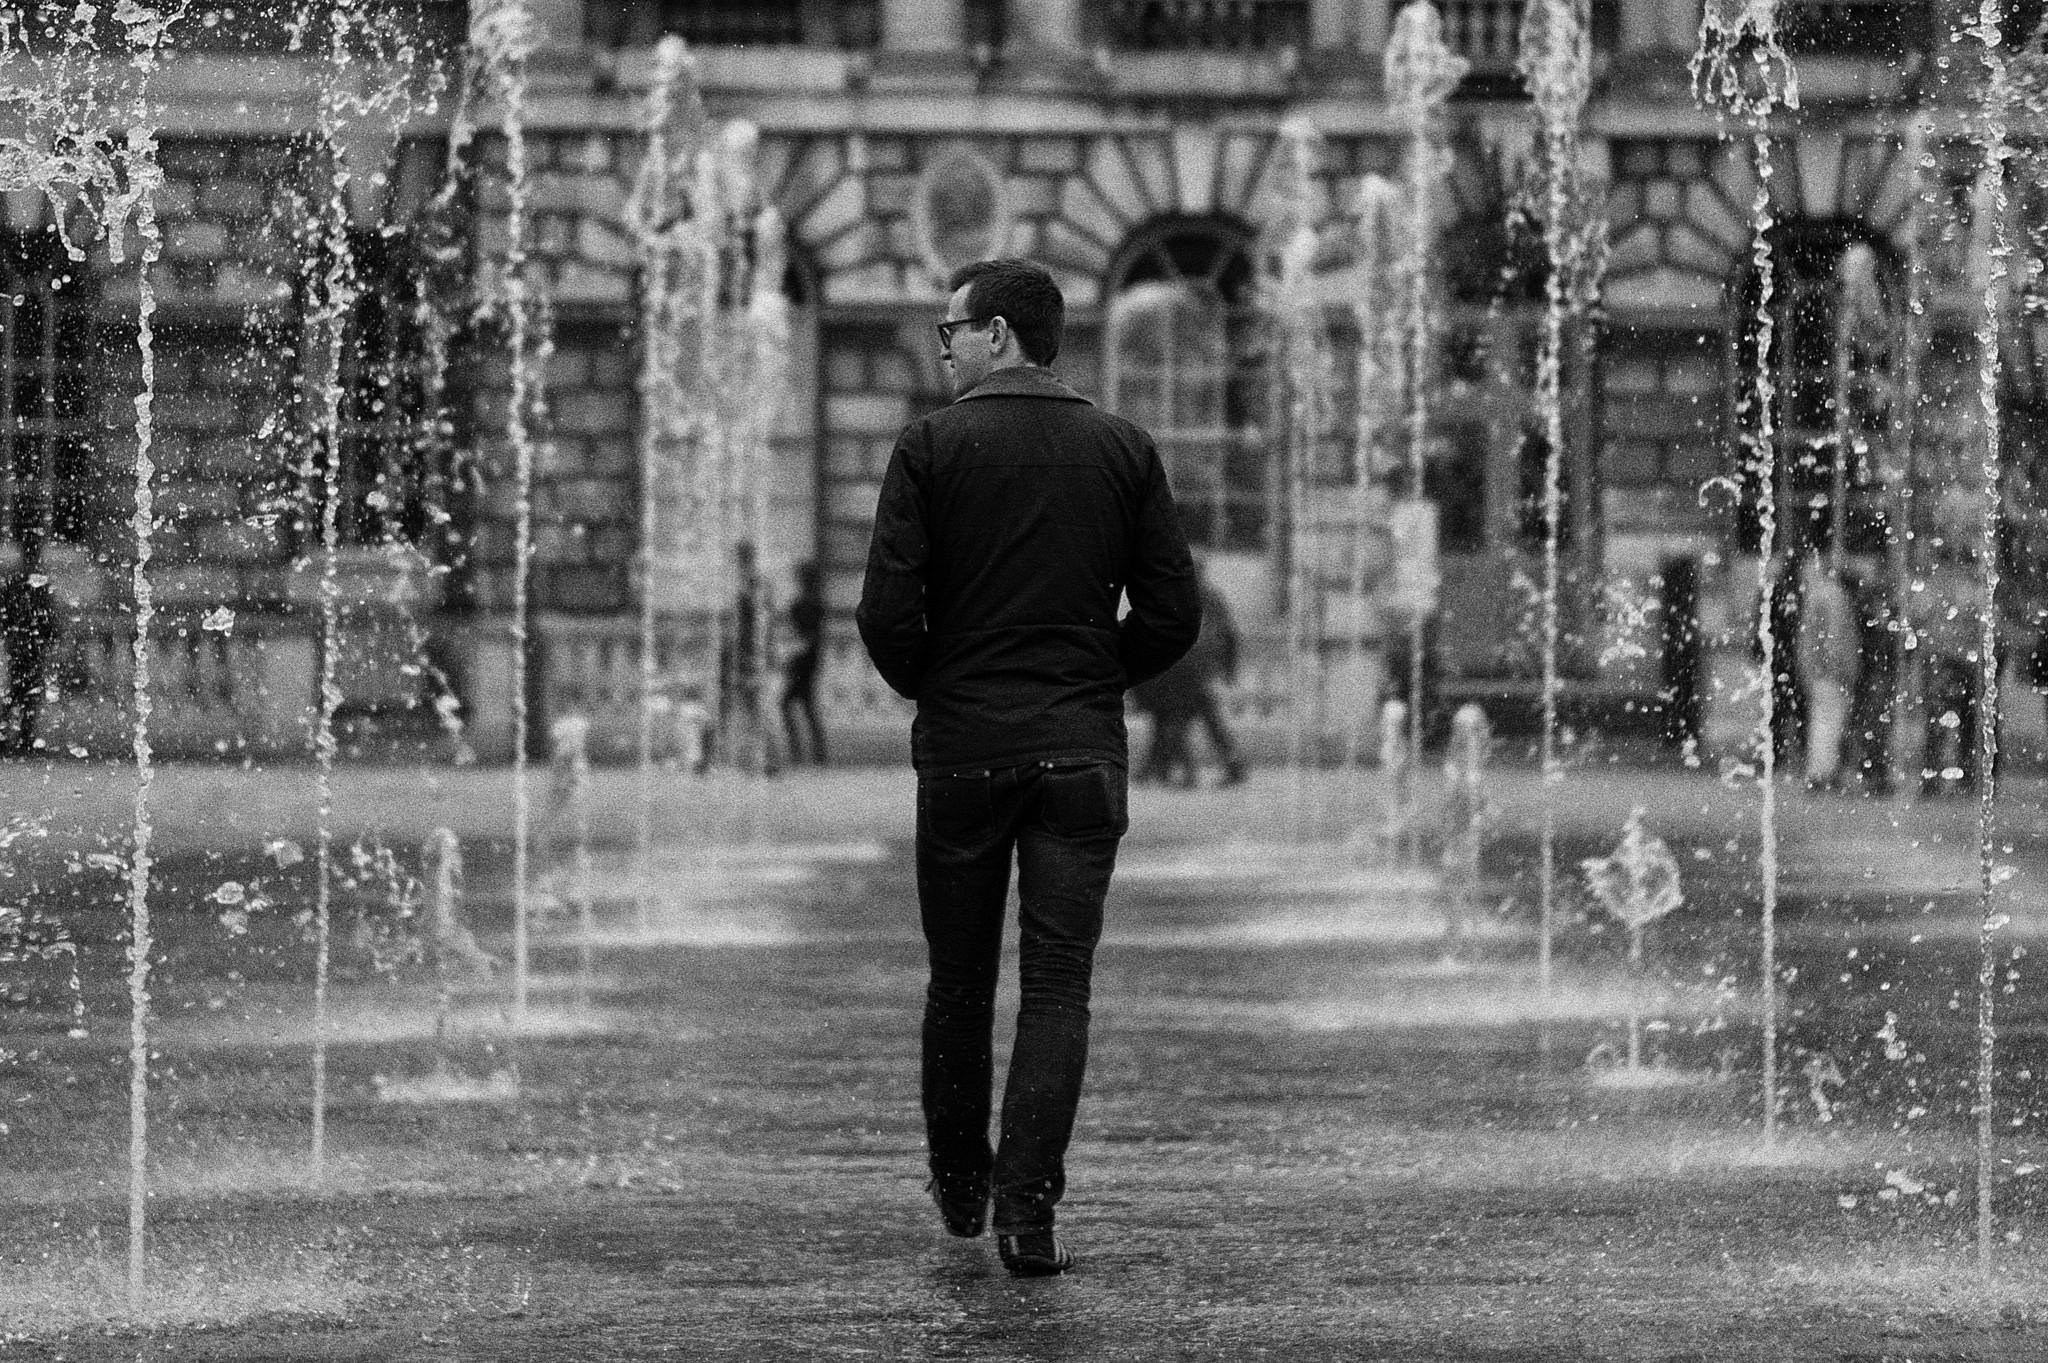 A man walks through fountains.